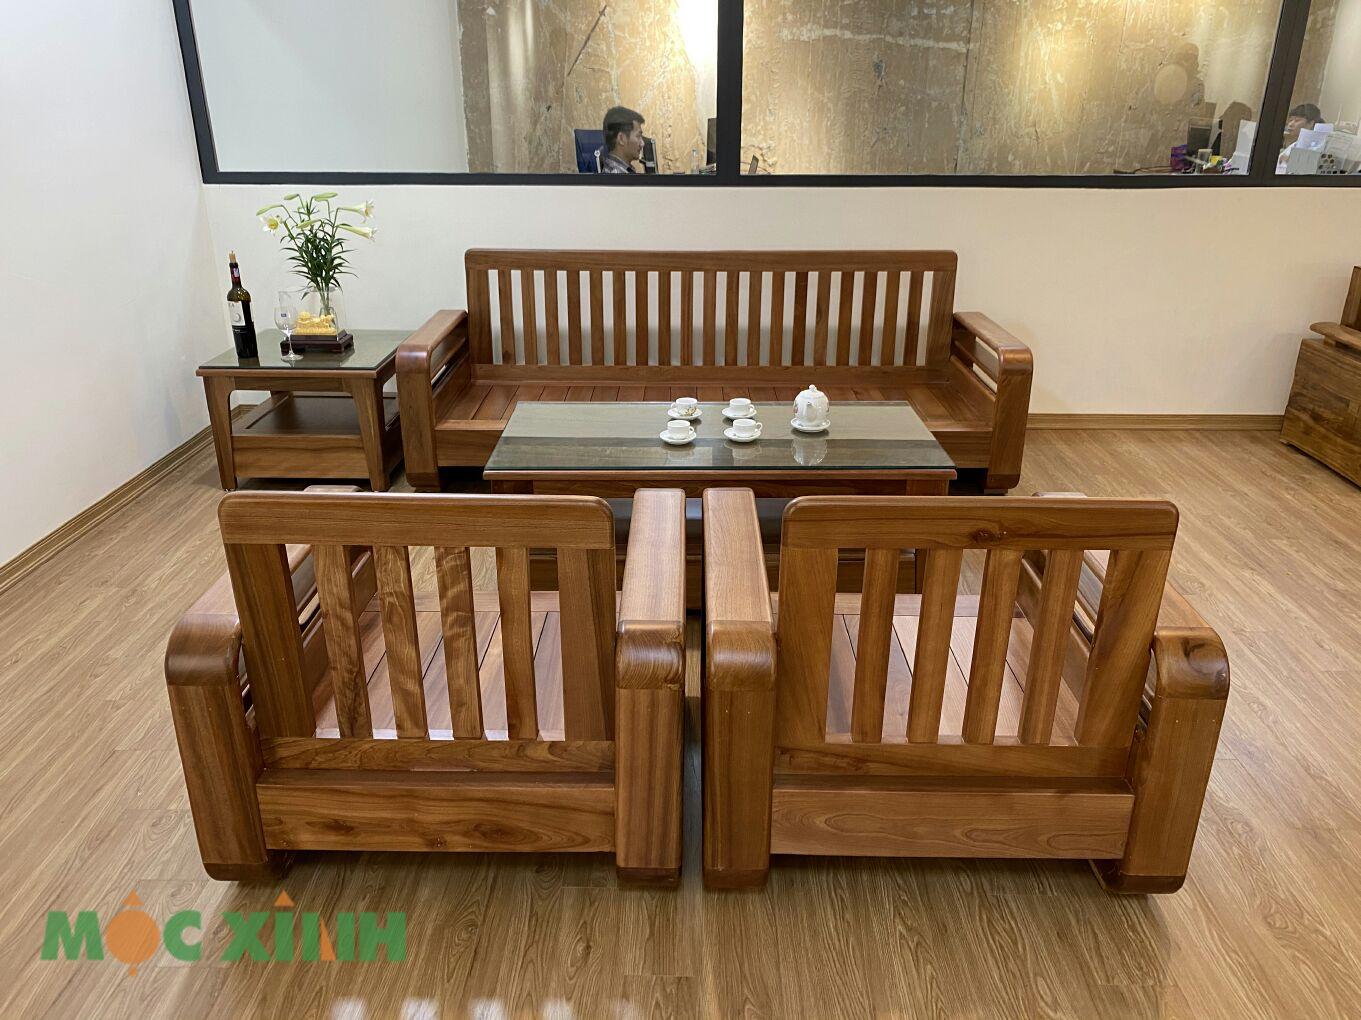 Bộ bàn ghế gỗ xoan có thể bố trí ở nhiều không gian